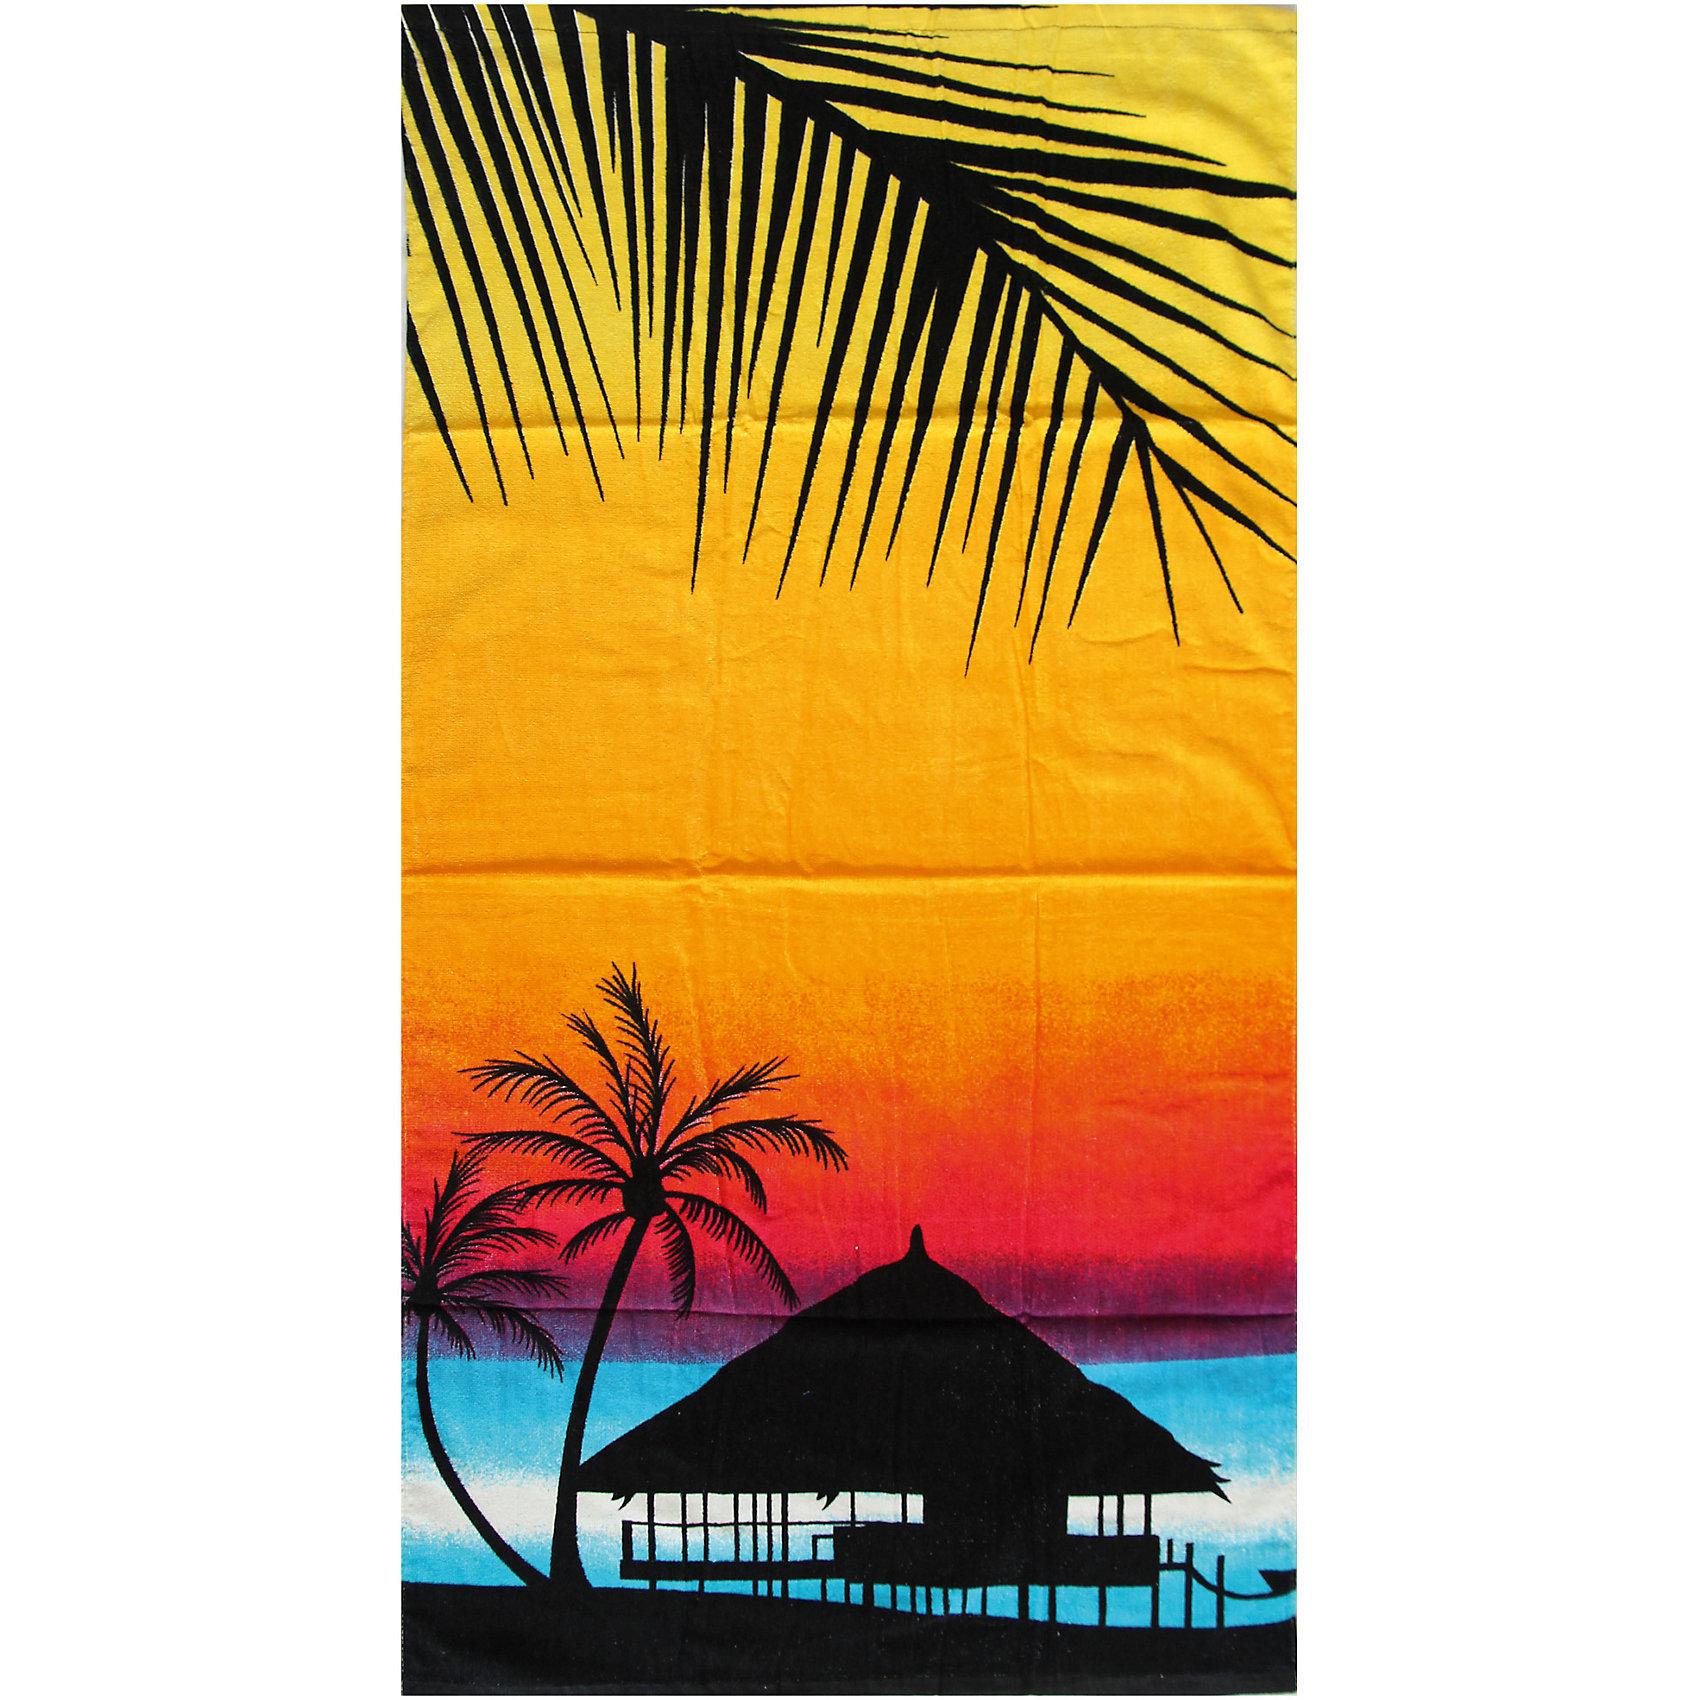 Пляжное полотенце Закат 60*120 смПляжное полотенце Закат 60*120 см – это удобное, яркое полотенце станет для ребенка незаменимым компаньоном после купания.<br>Пляжное полотенце Закат пригодится на пляже, в бассейне, да везде, где есть вода. Полотенце с яркой расцветкой поднимет настроение и подарит много положительных эмоций. Им можно вытереть мокрое тело после купания или просто постелить на шезлонге или песке. Полотенце мягкое, легкое, хорошо впитывает влагу, сделано из 100% хлопка.<br><br>Дополнительная информация:<br><br>- Размер: 70х140 см.<br>- Материал: хлопок 100%<br><br>Пляжное полотенце Закат 60*120 см можно купить в нашем интернет-магазине.<br><br>Ширина мм: 380<br>Глубина мм: 240<br>Высота мм: 30<br>Вес г: 323<br>Возраст от месяцев: 24<br>Возраст до месяцев: 192<br>Пол: Унисекс<br>Возраст: Детский<br>SKU: 4079867